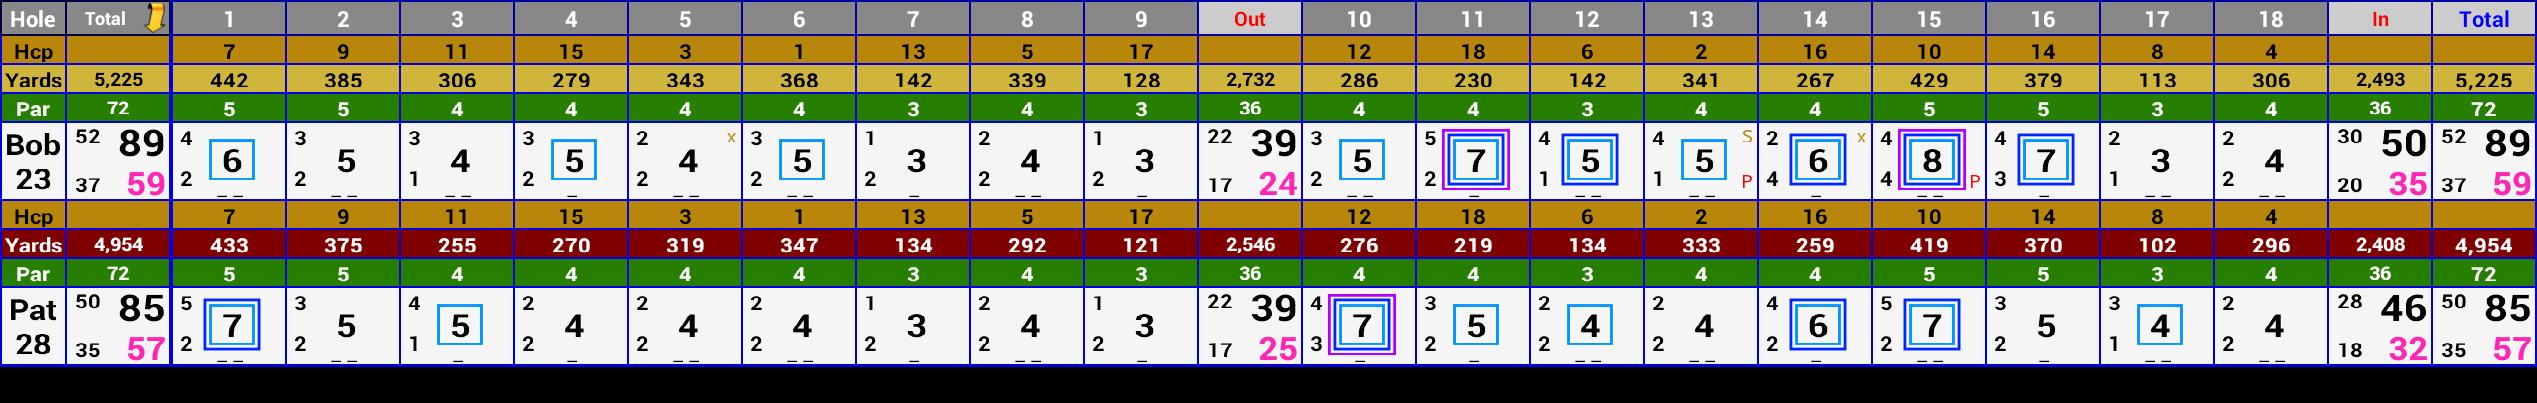 GolfScoreRound-20150405 - 13_02.png